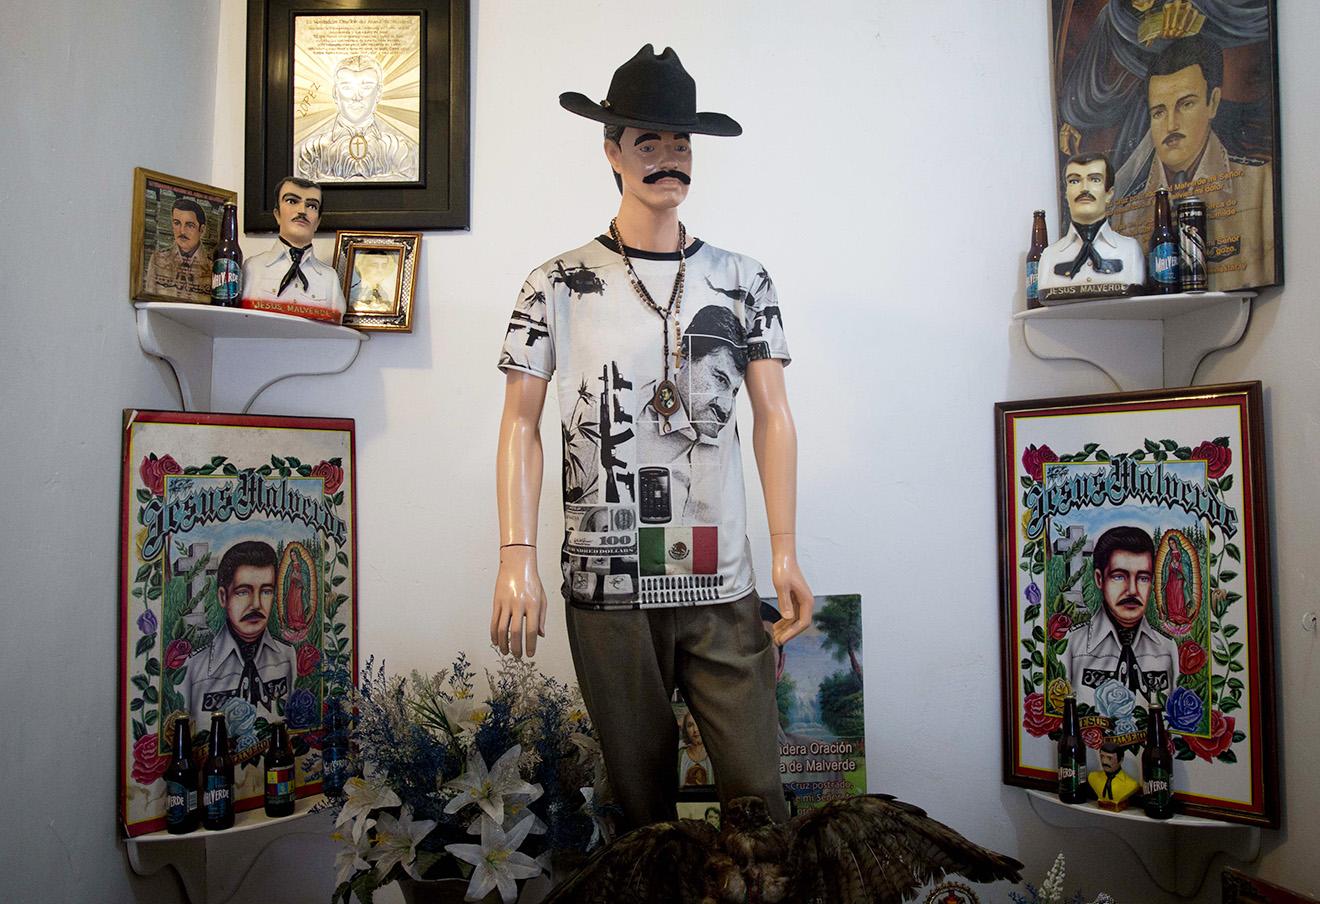 Манекен, изображающий Хесуса Мальверде, известного в Мексике как «святой» наркоторговцев, в церкви. На нем футболка с портретом наркоторговца Эль Чапо.